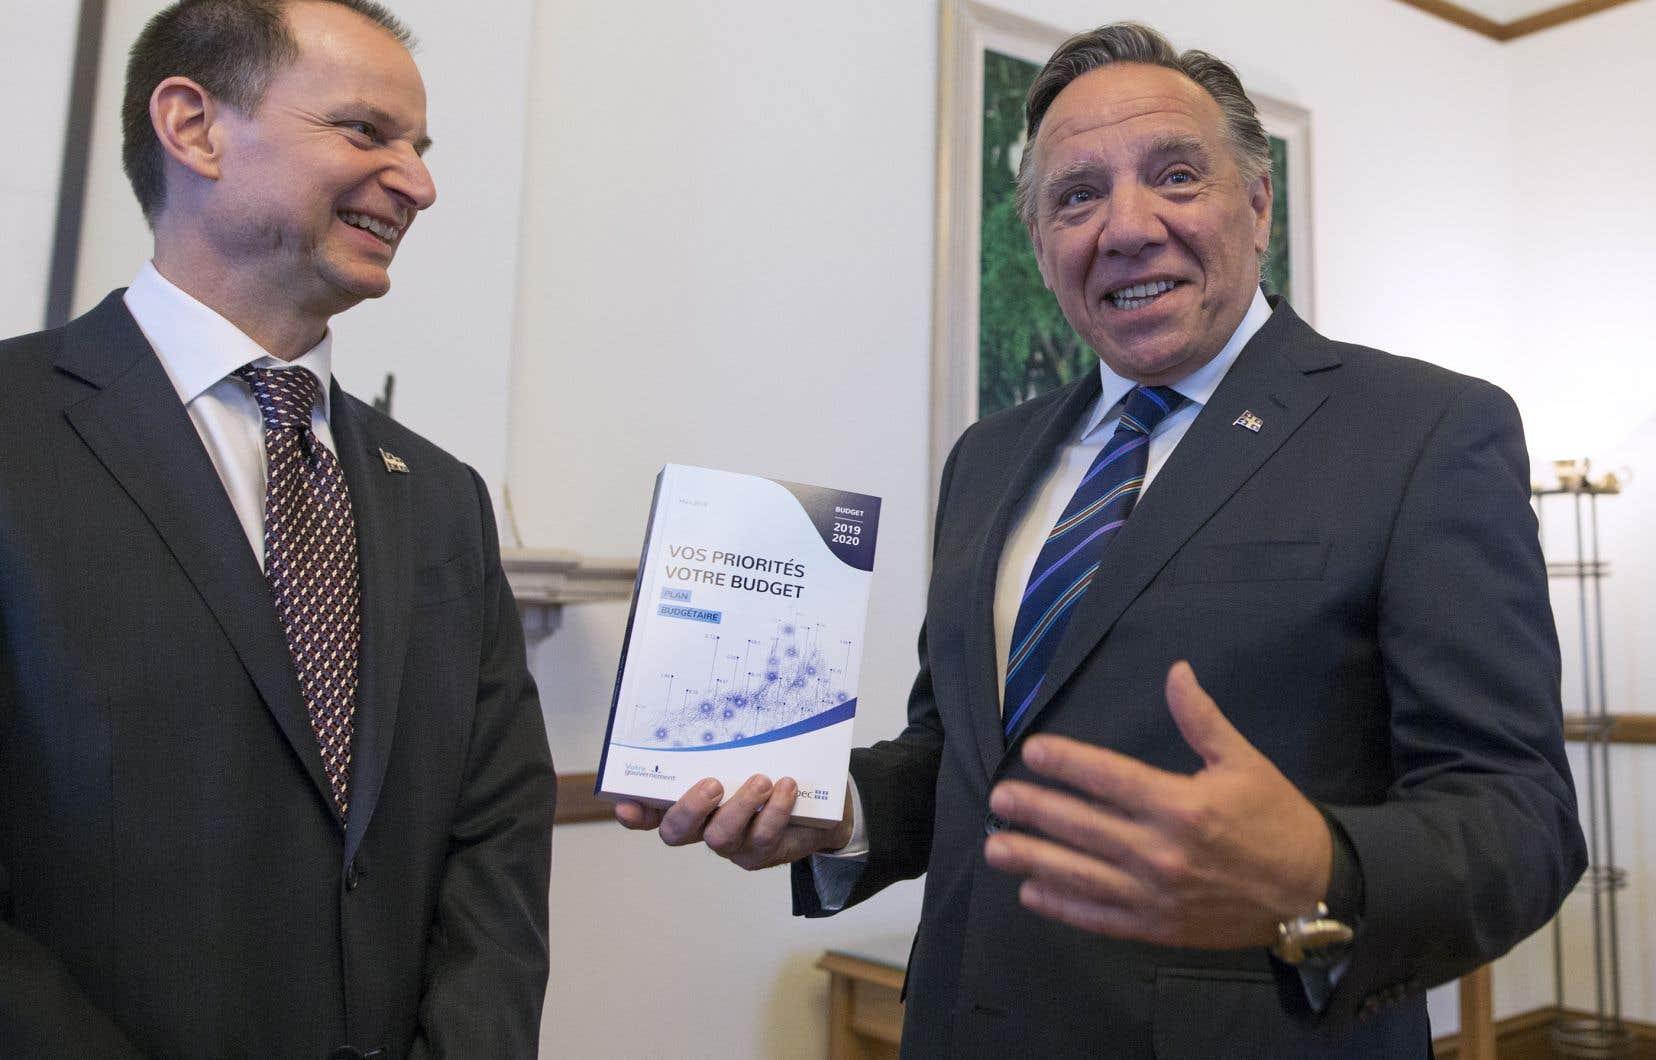 Le ministre québécois des Finances, Eric Girard, et le premier ministre François Legault